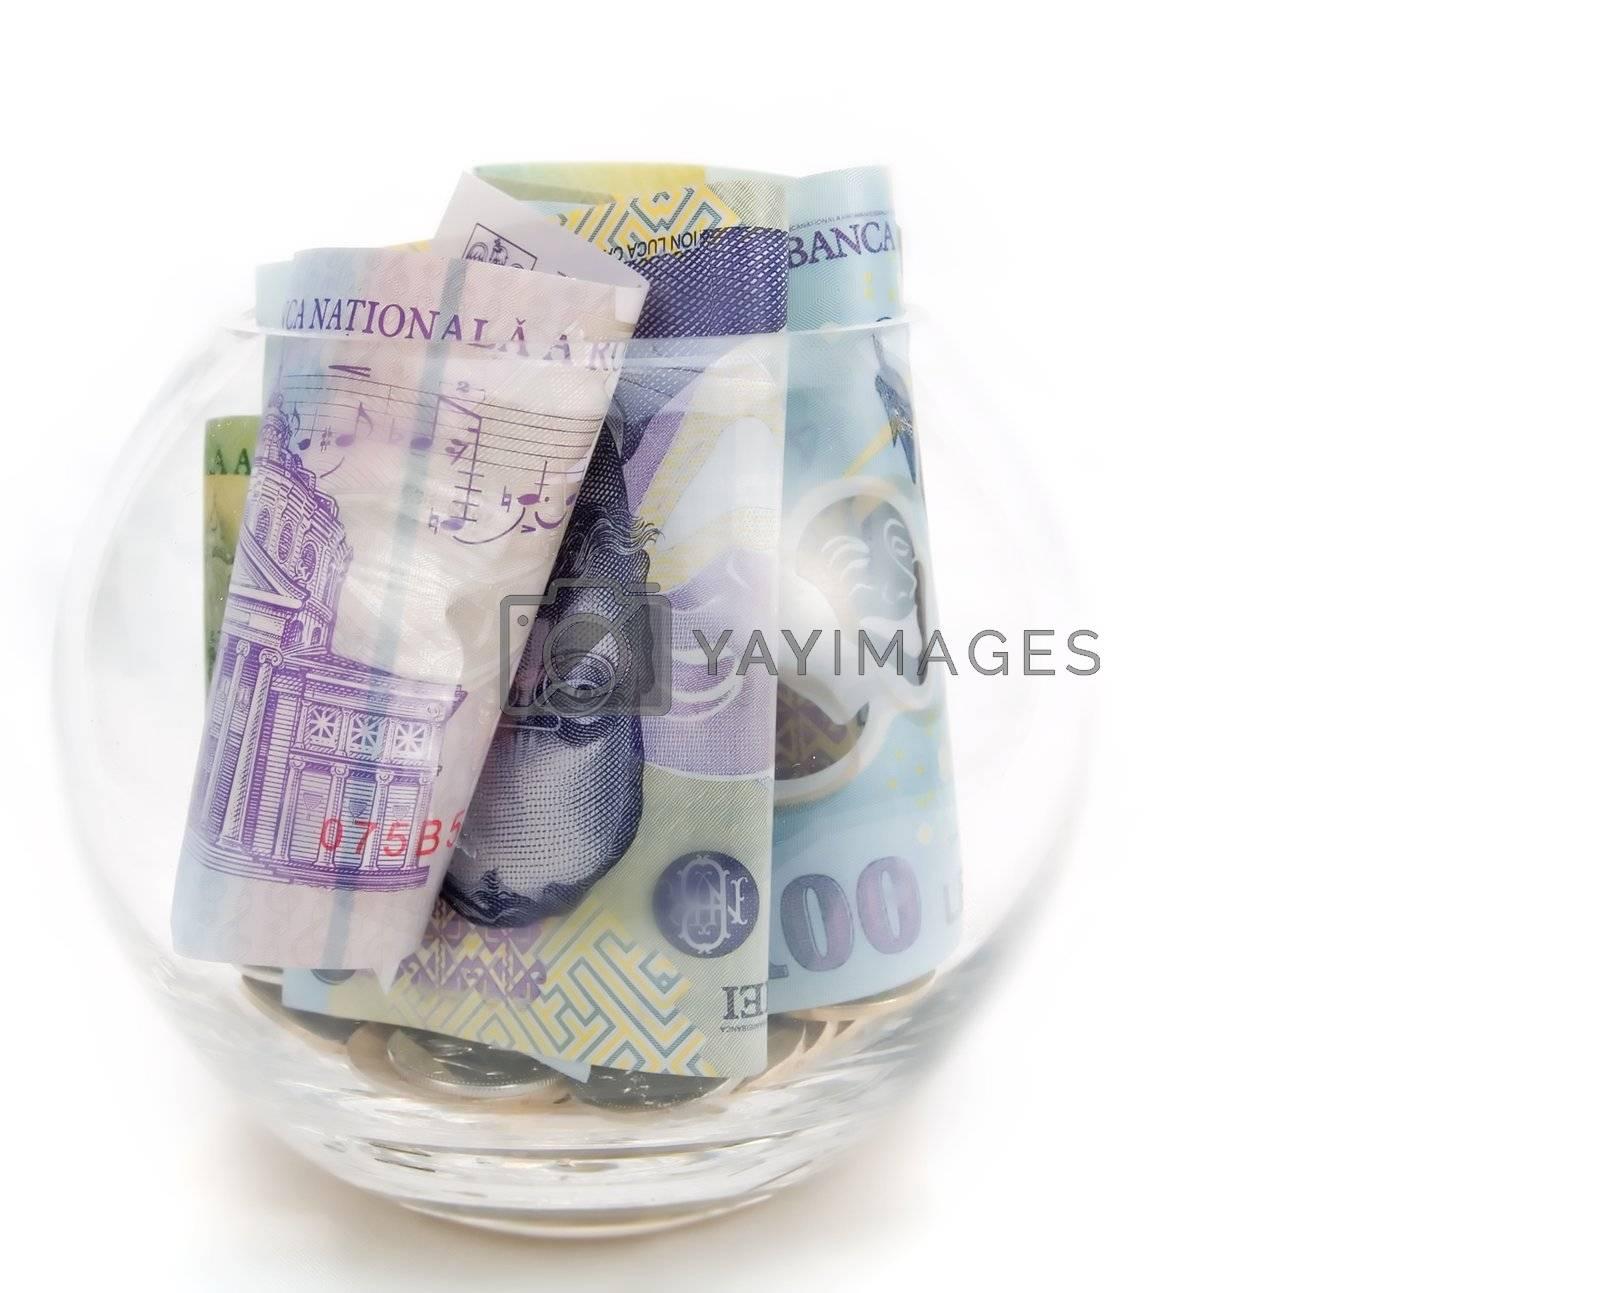 Banknotes by henrischmit